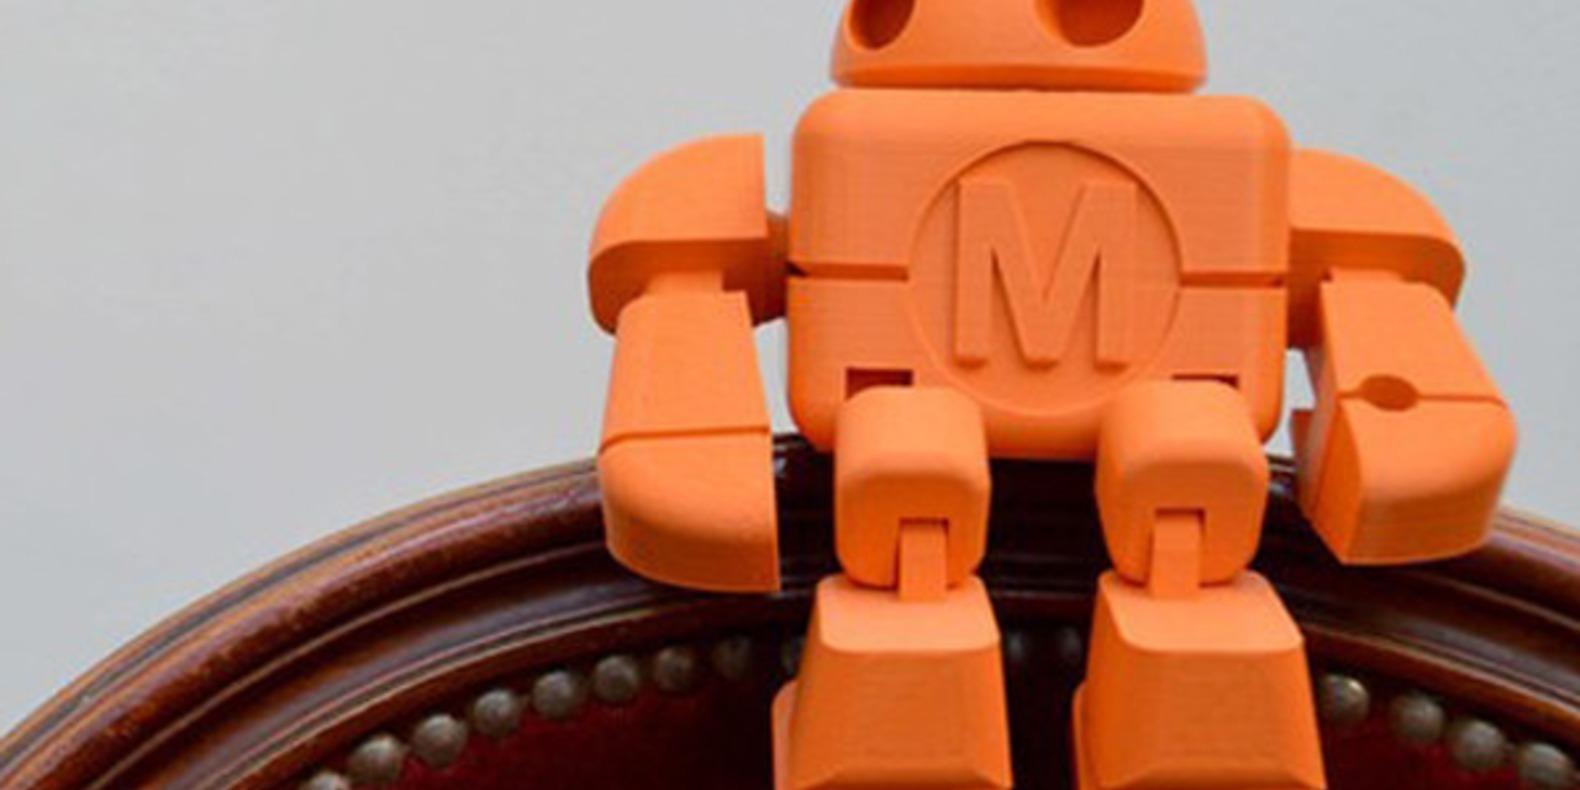 16.Robot_Articulé-leFabShop jouets imprimés en 3D